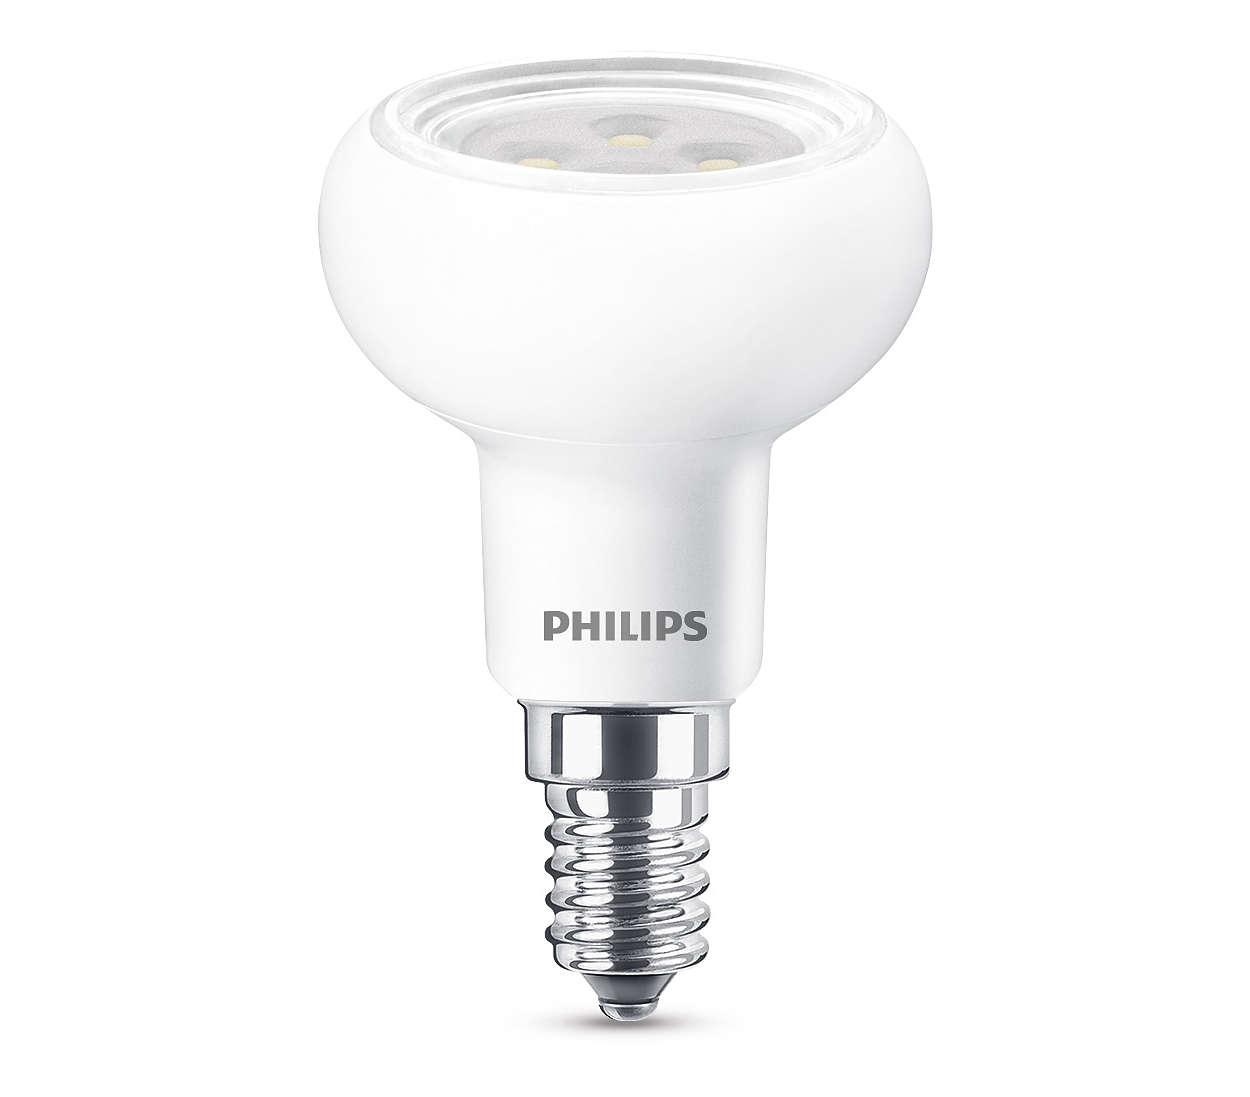 Éclairage LED durable, avec faisceau lumineux fin et puissant